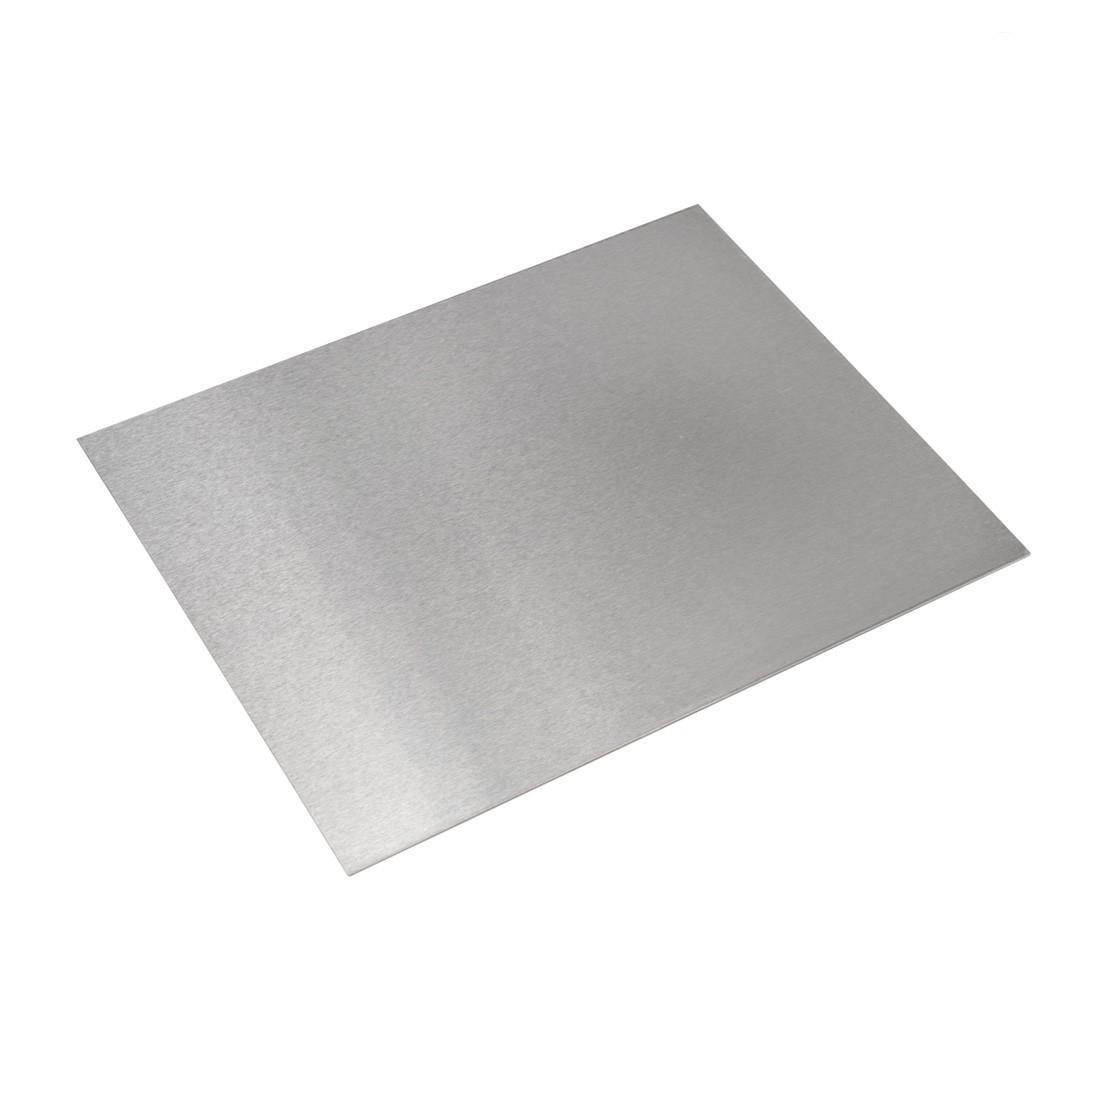 Lastra Alluminio mm.250x200 spess. 0,5